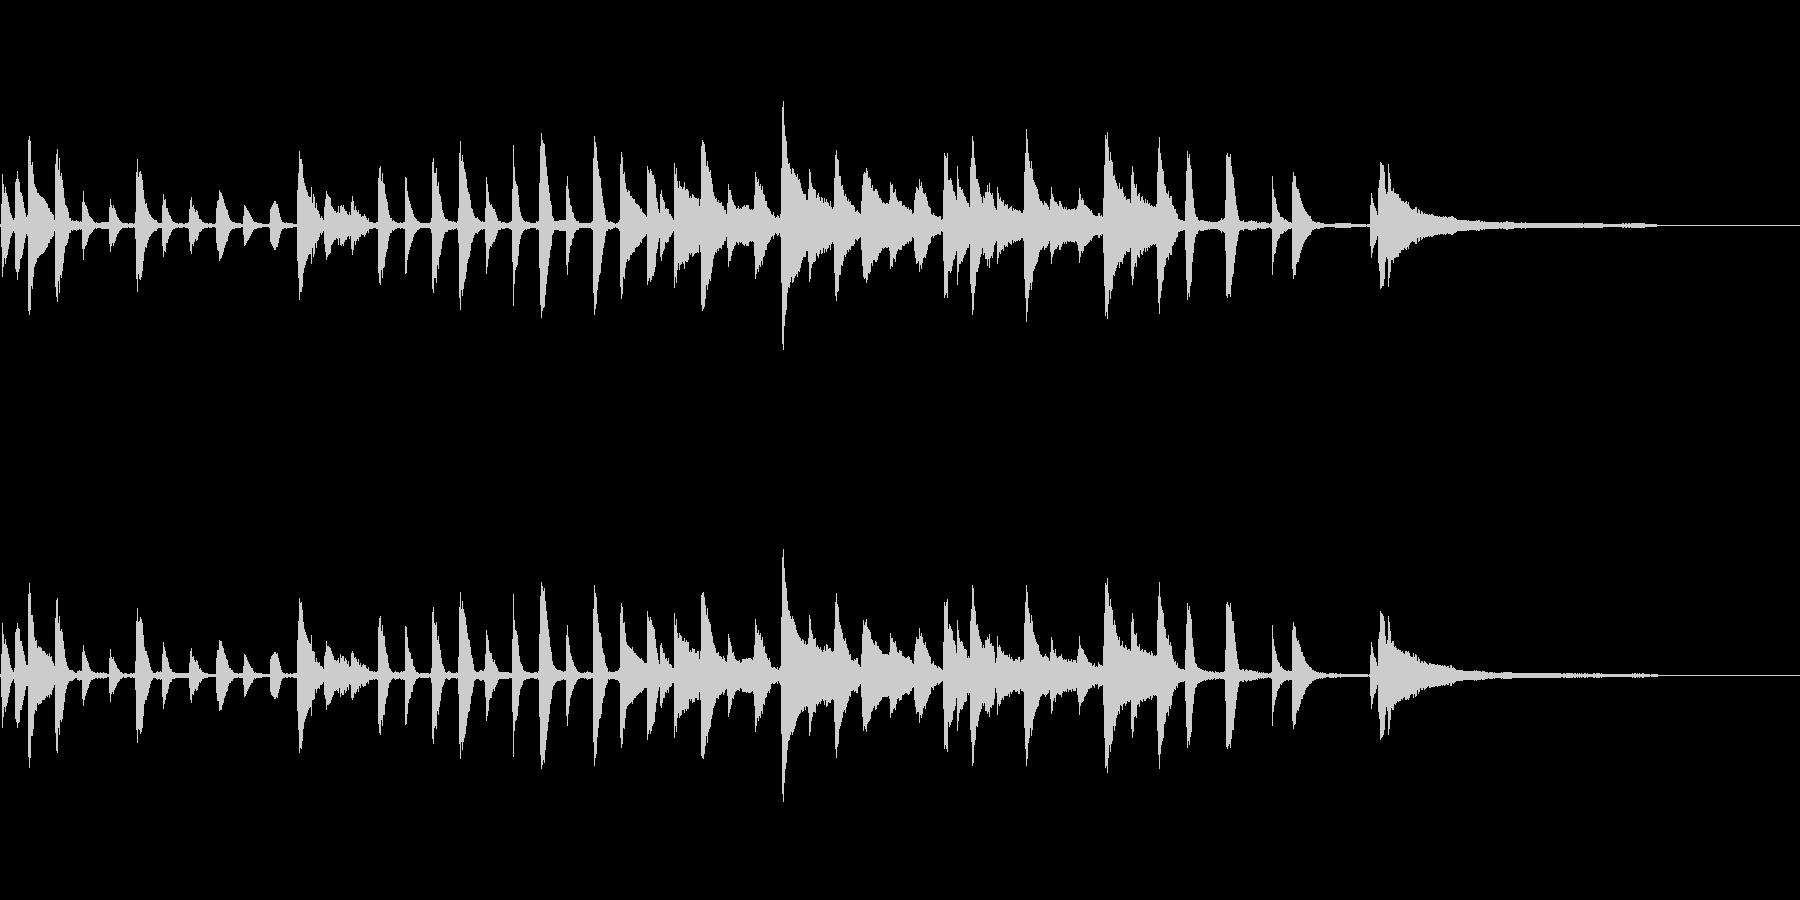 メルヘンある子供むきトイピアノの未再生の波形